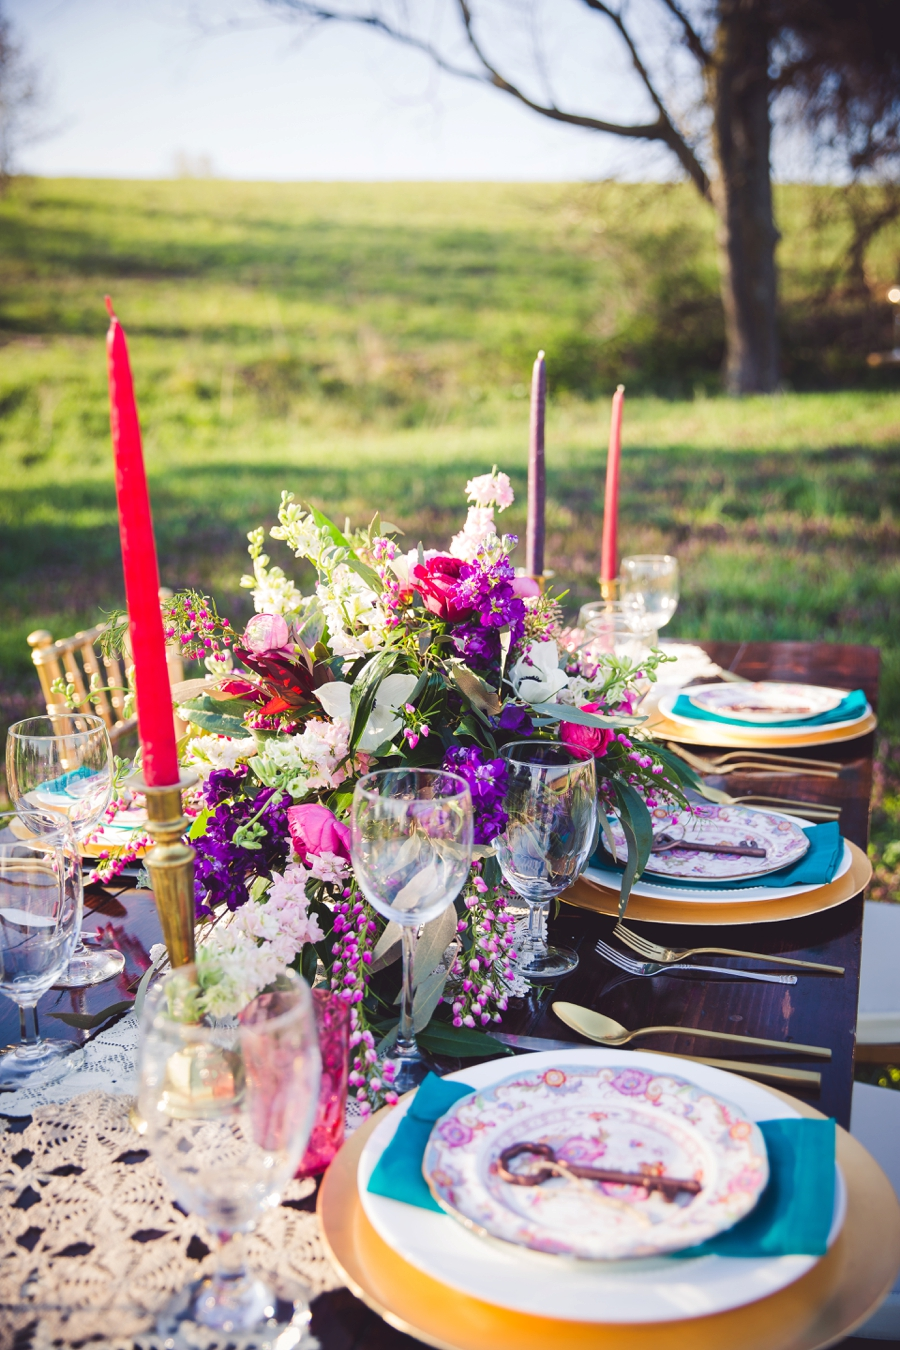 Colorful Rustic Boho Wedding Ideas via TheELD.com